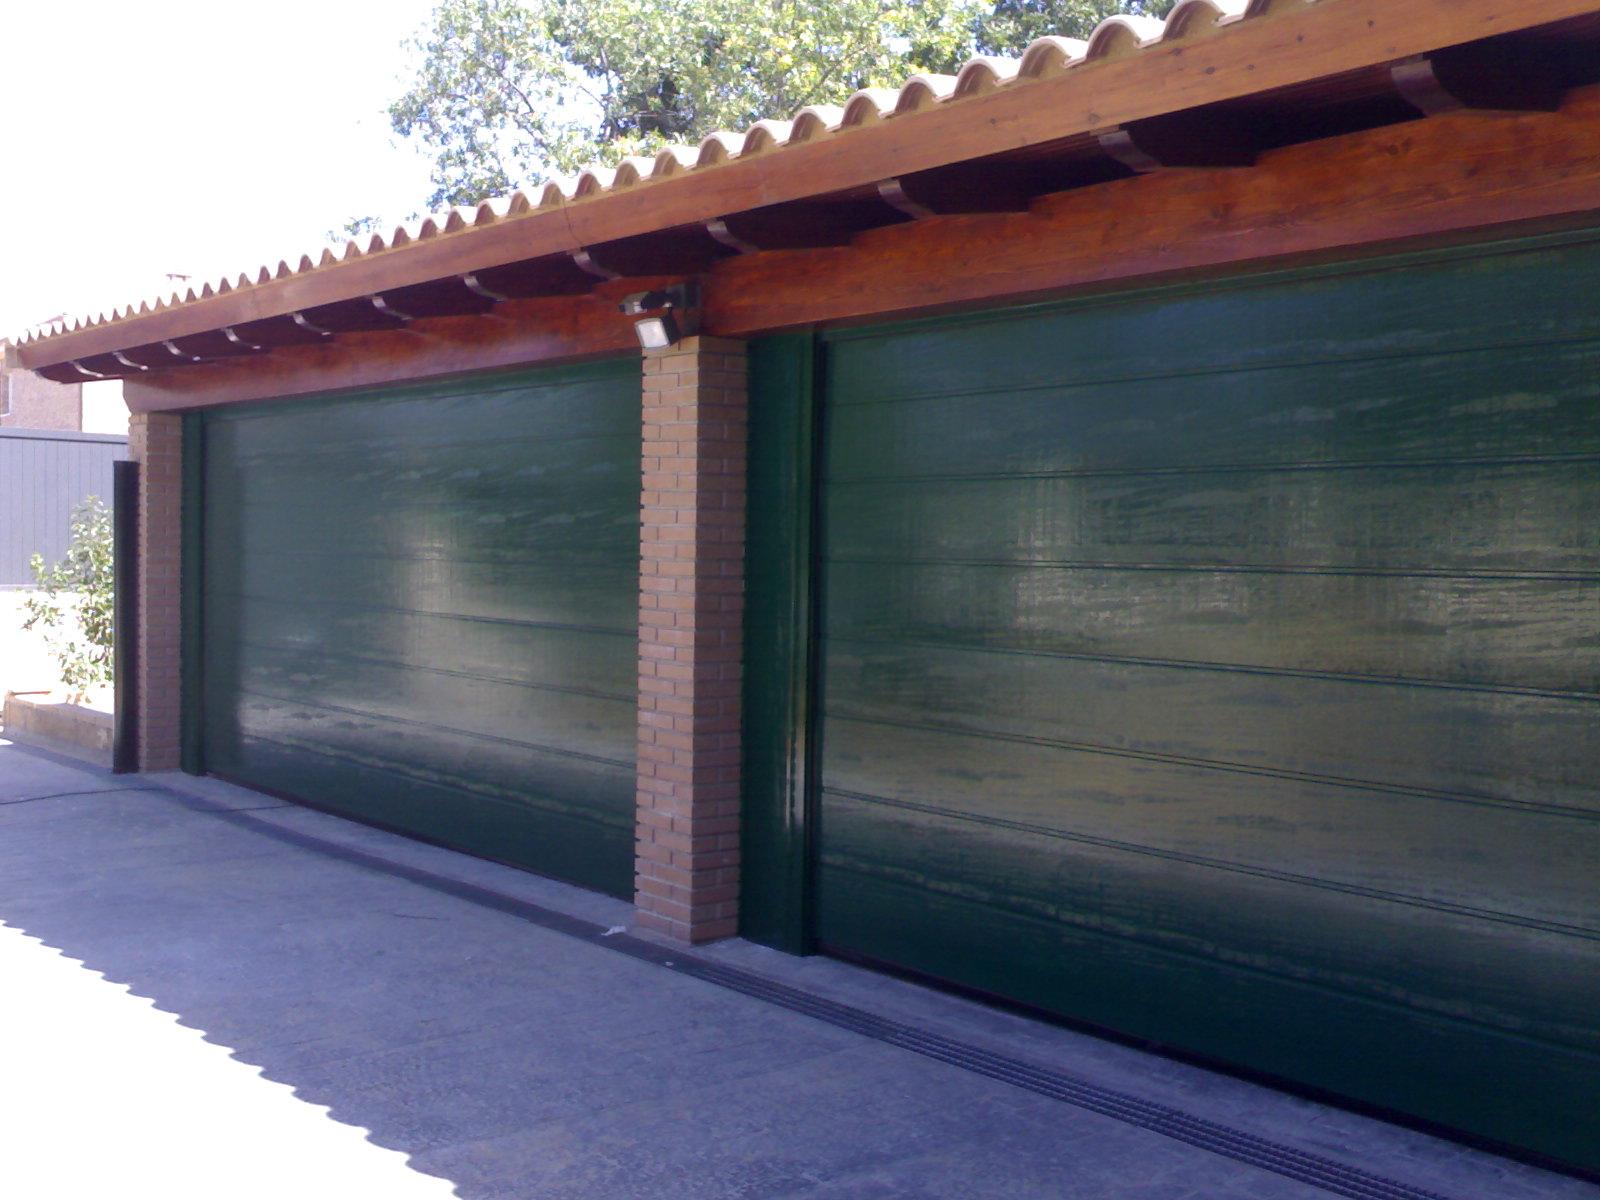 Puertas de garaje en majadahonda puertas de garaje - Puertas de garaje ...